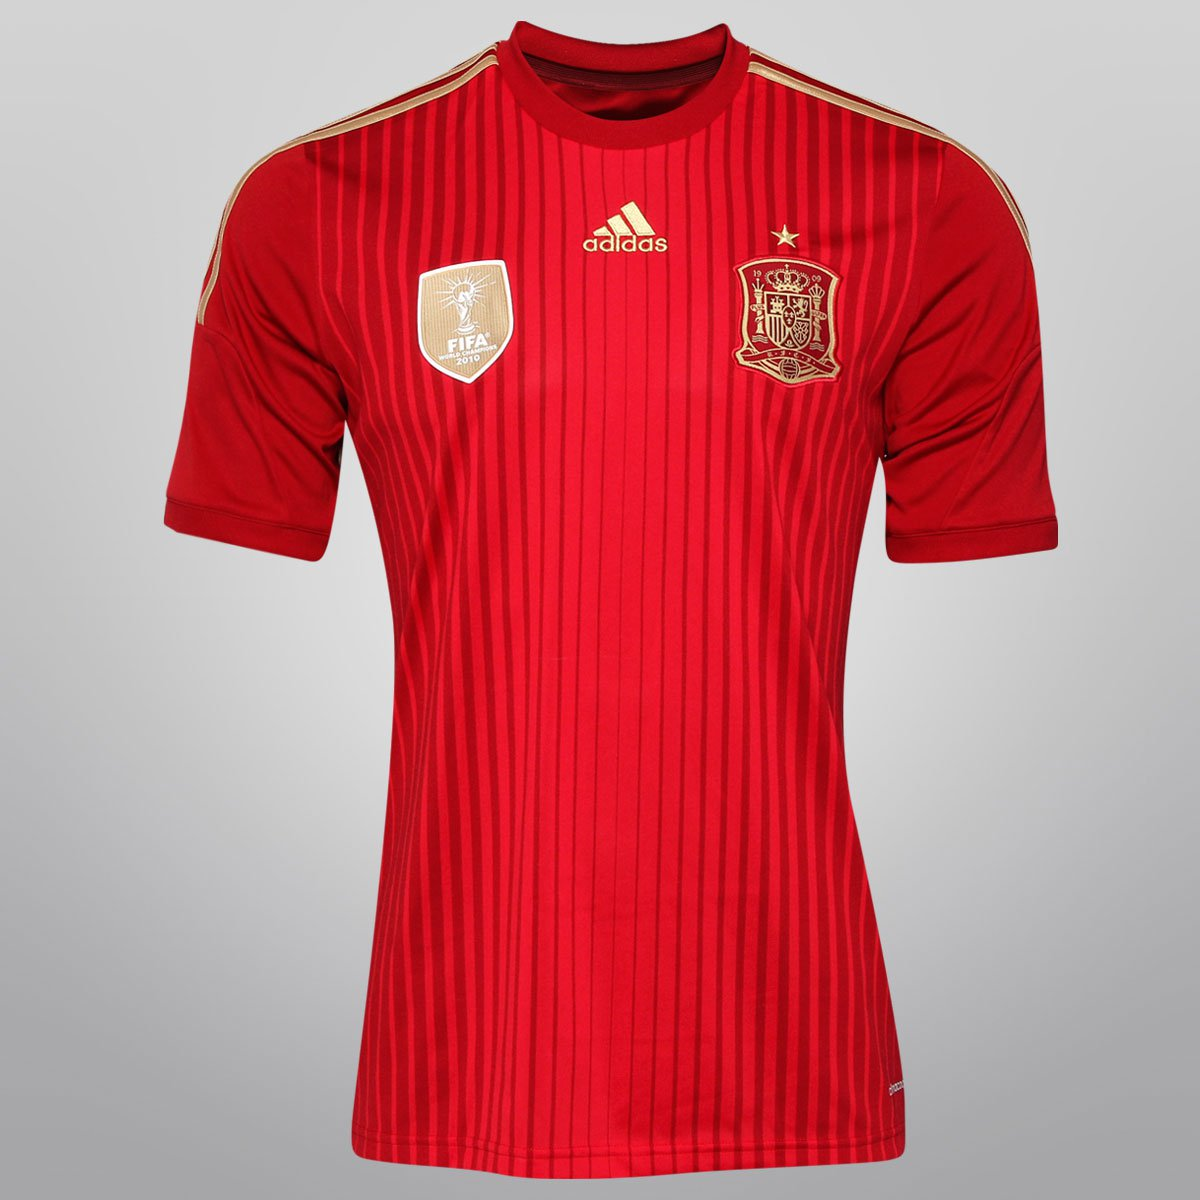 Camisa Adidas Seleção Espanha Home 2014 s nº - Torcedor - Compre Agora  e09553b70c1fa